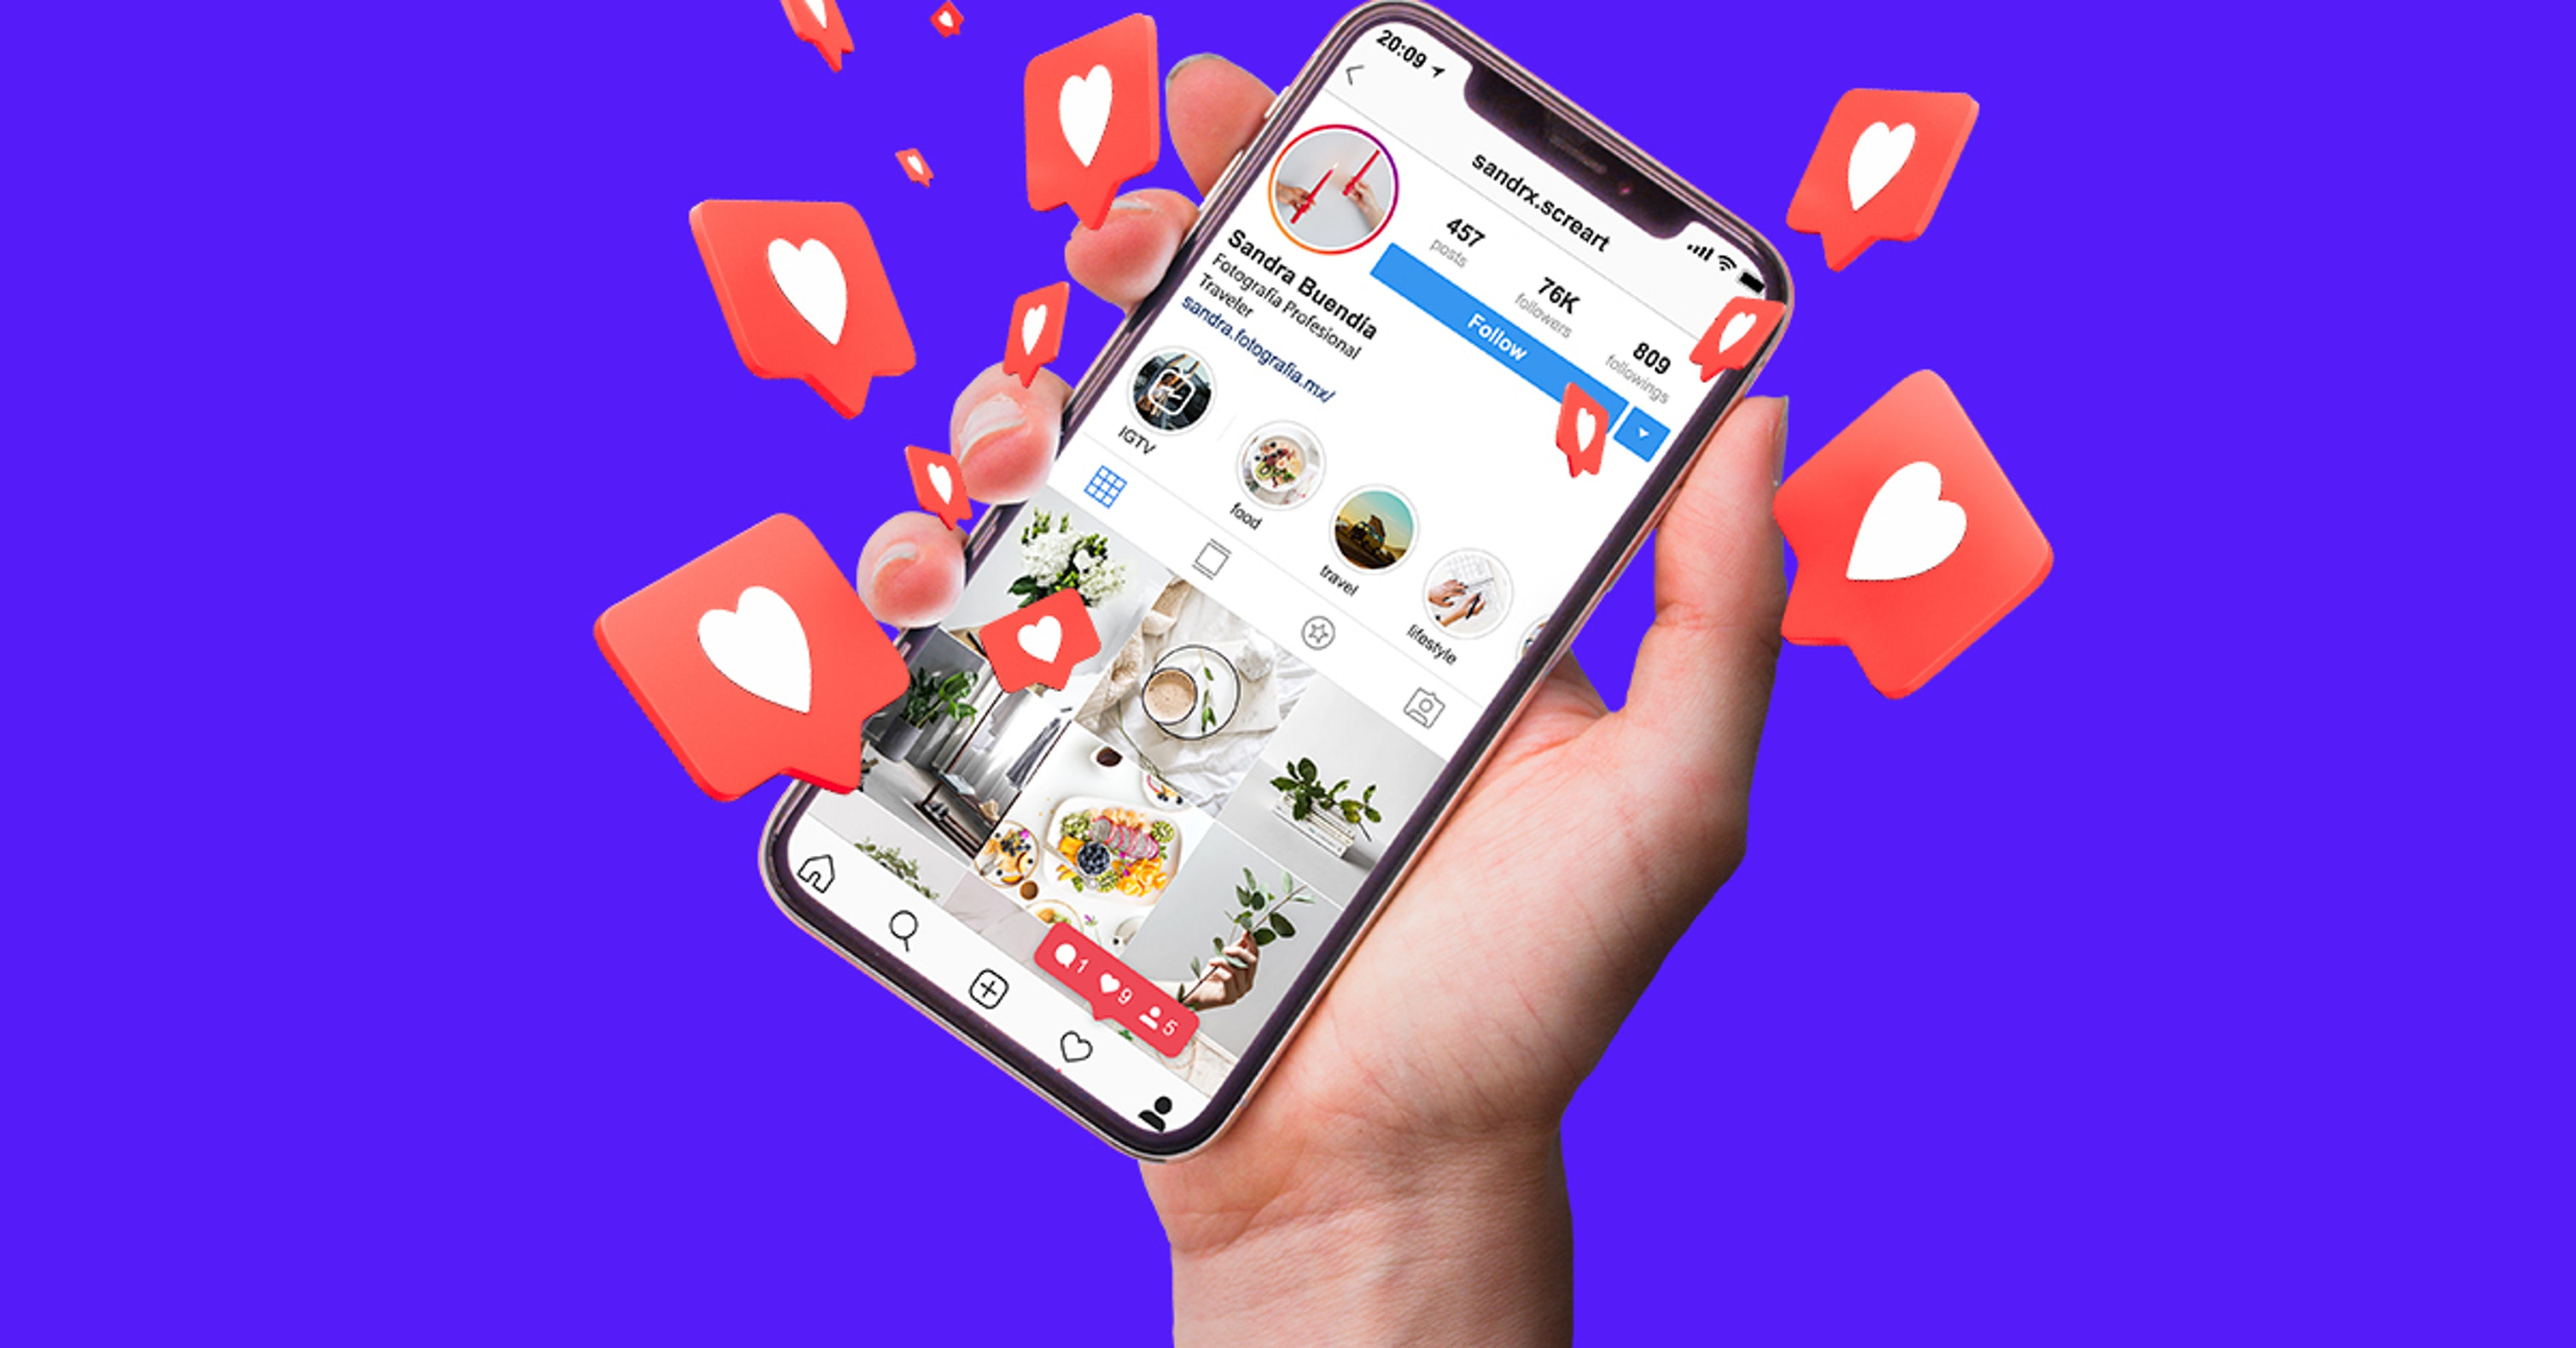 El Behance de las redes: Crea tu portafolio digital en Instagram